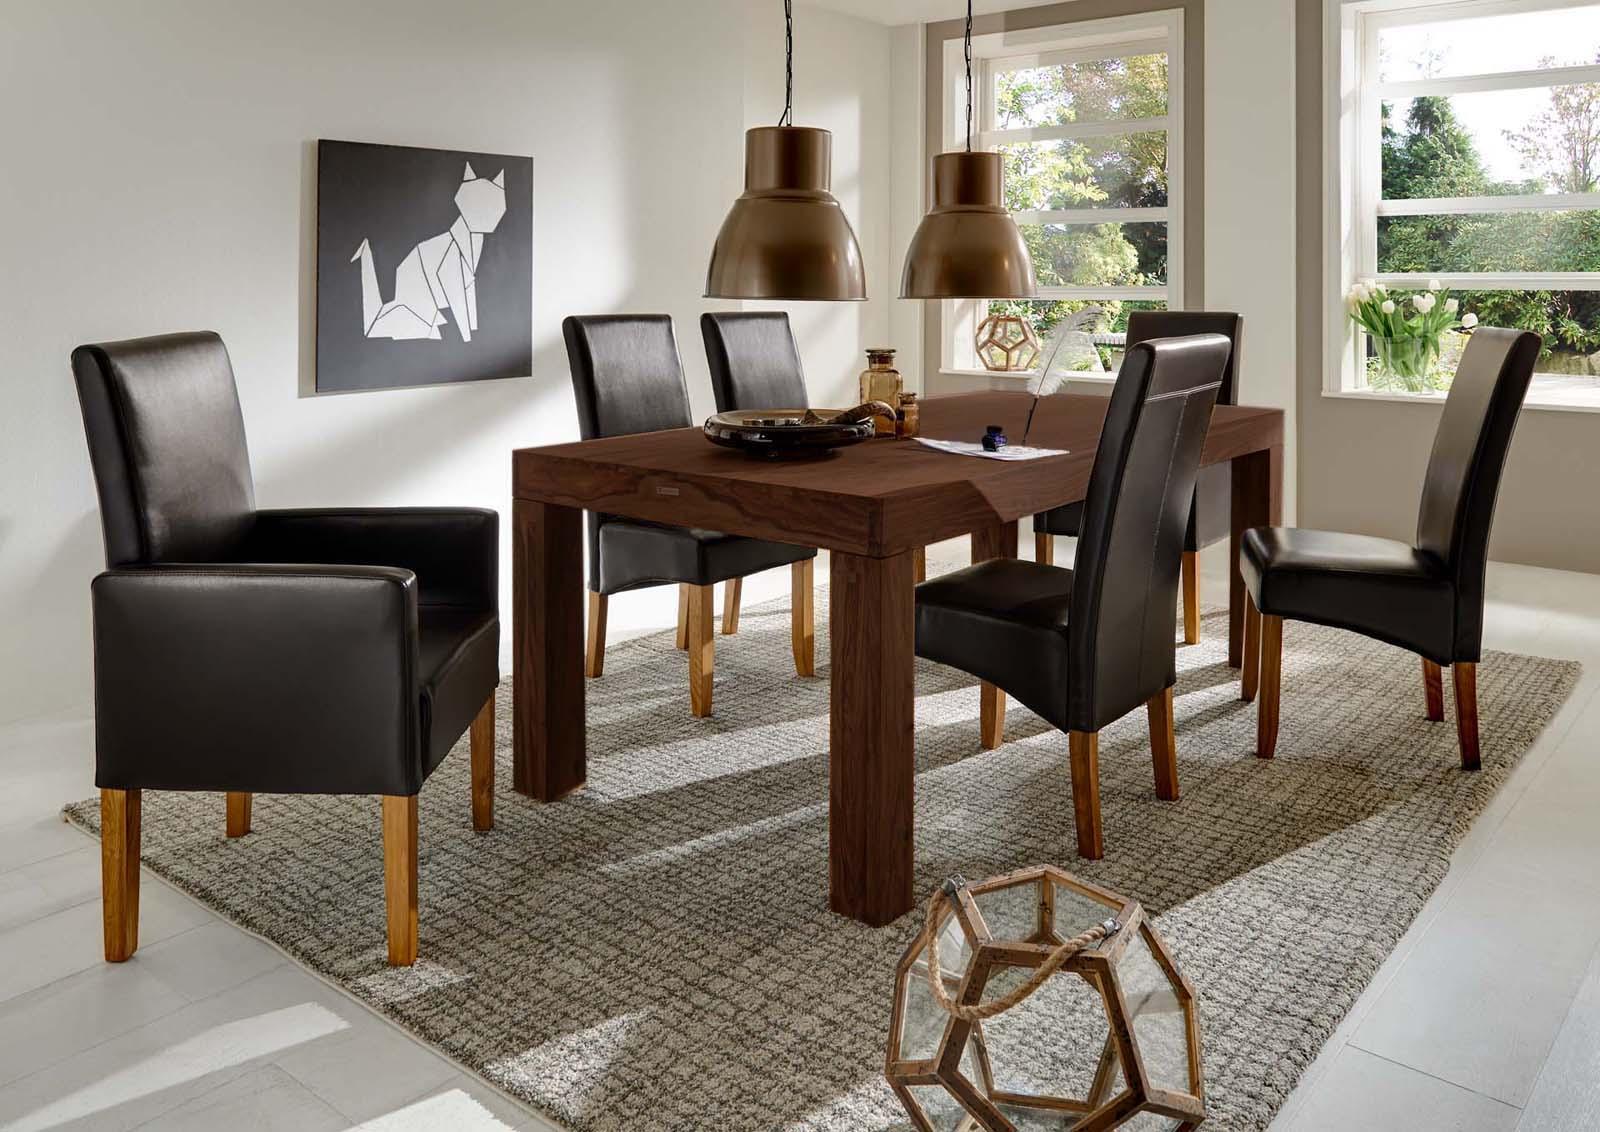 Superior SAM® Sheesham Esszimmer Tischgruppe 7tlg Braun Walnuss Cubus 180cm  Demnächst ! Pictures